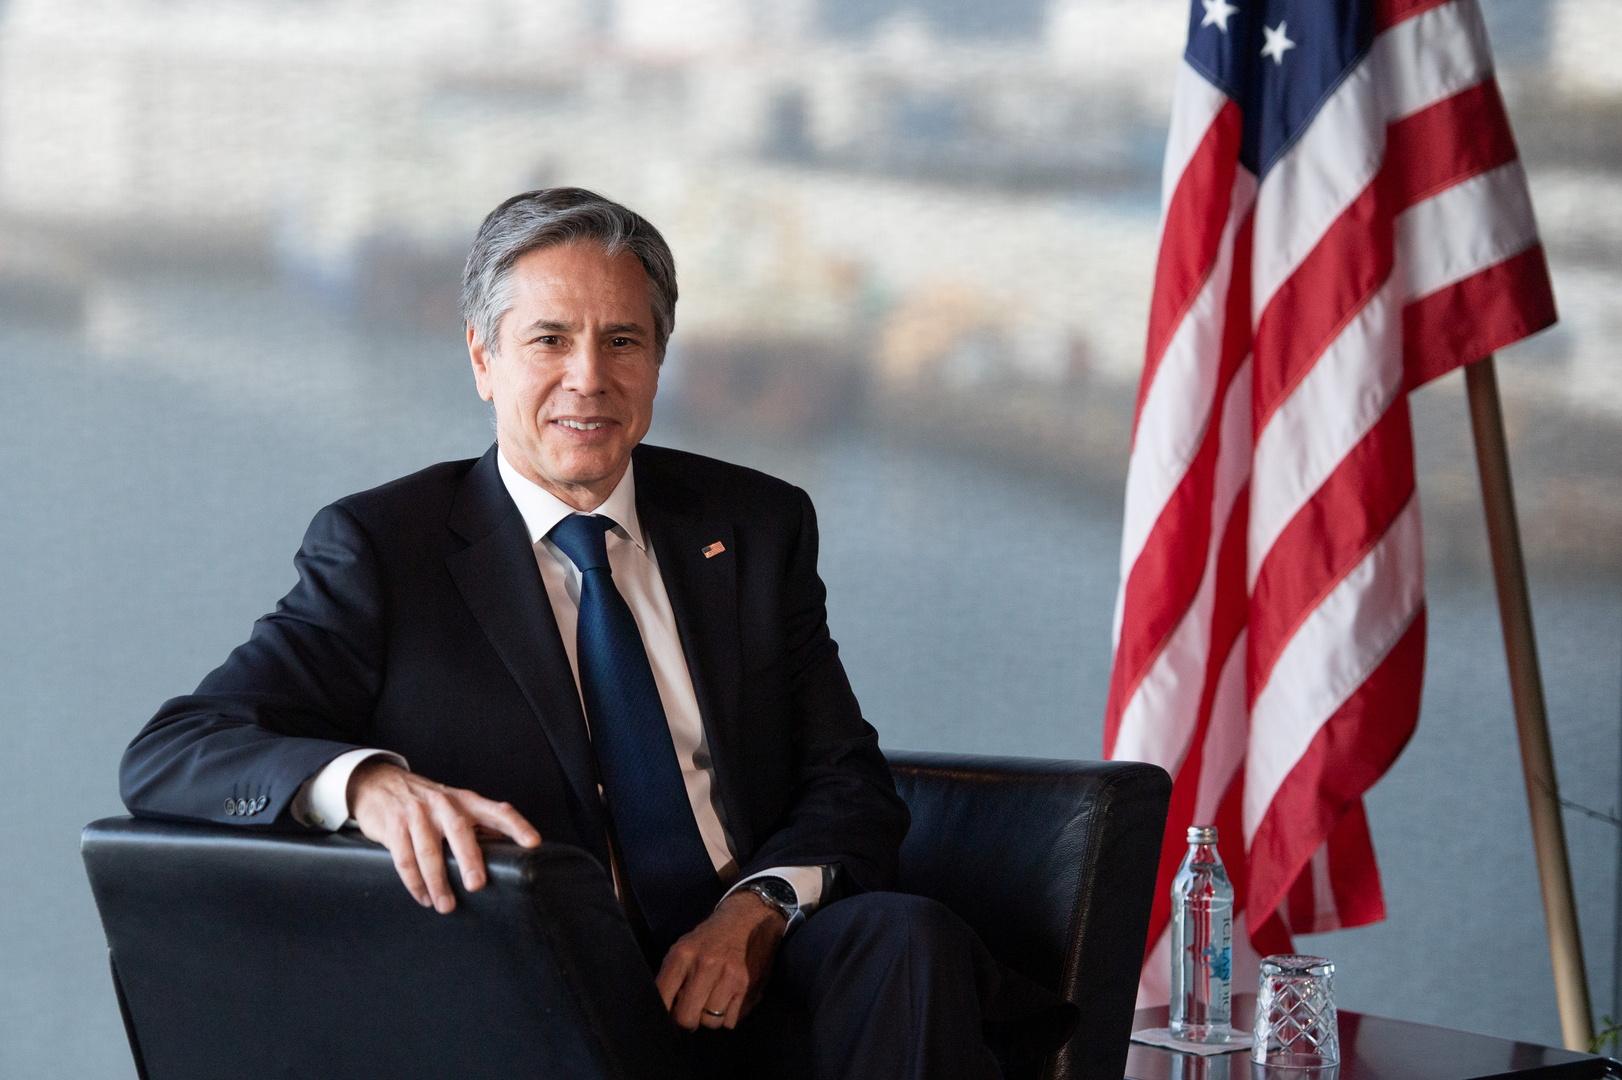 بلينكن: حل شامل ومستدام في اليمن على سلم أولويات الولايات المتحدة